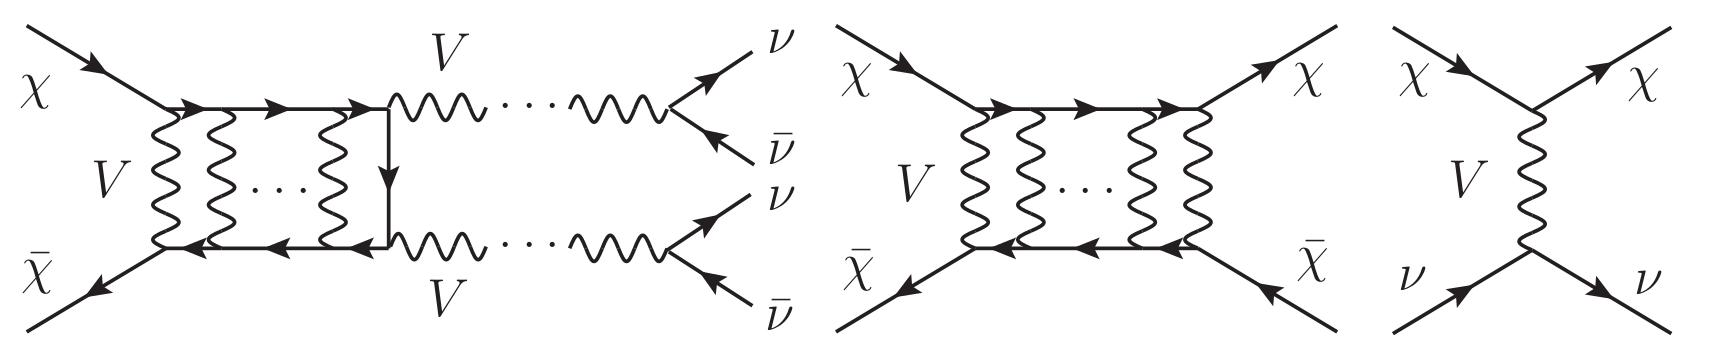 Wechselwirkungen, die die Dunkle-Materie Reliktdichte   bestimmen und zu beobachtbarer Neutrinoemission heute führen könnten (links),   die das innere Dichte in Zwerggalaxien verändern können (Mitte), und die einen   großen Abfall im Leistungsspektrum primordialer Dichtefluktuationen verusachen   können (rechts, van den Aarssen et al. 2012).